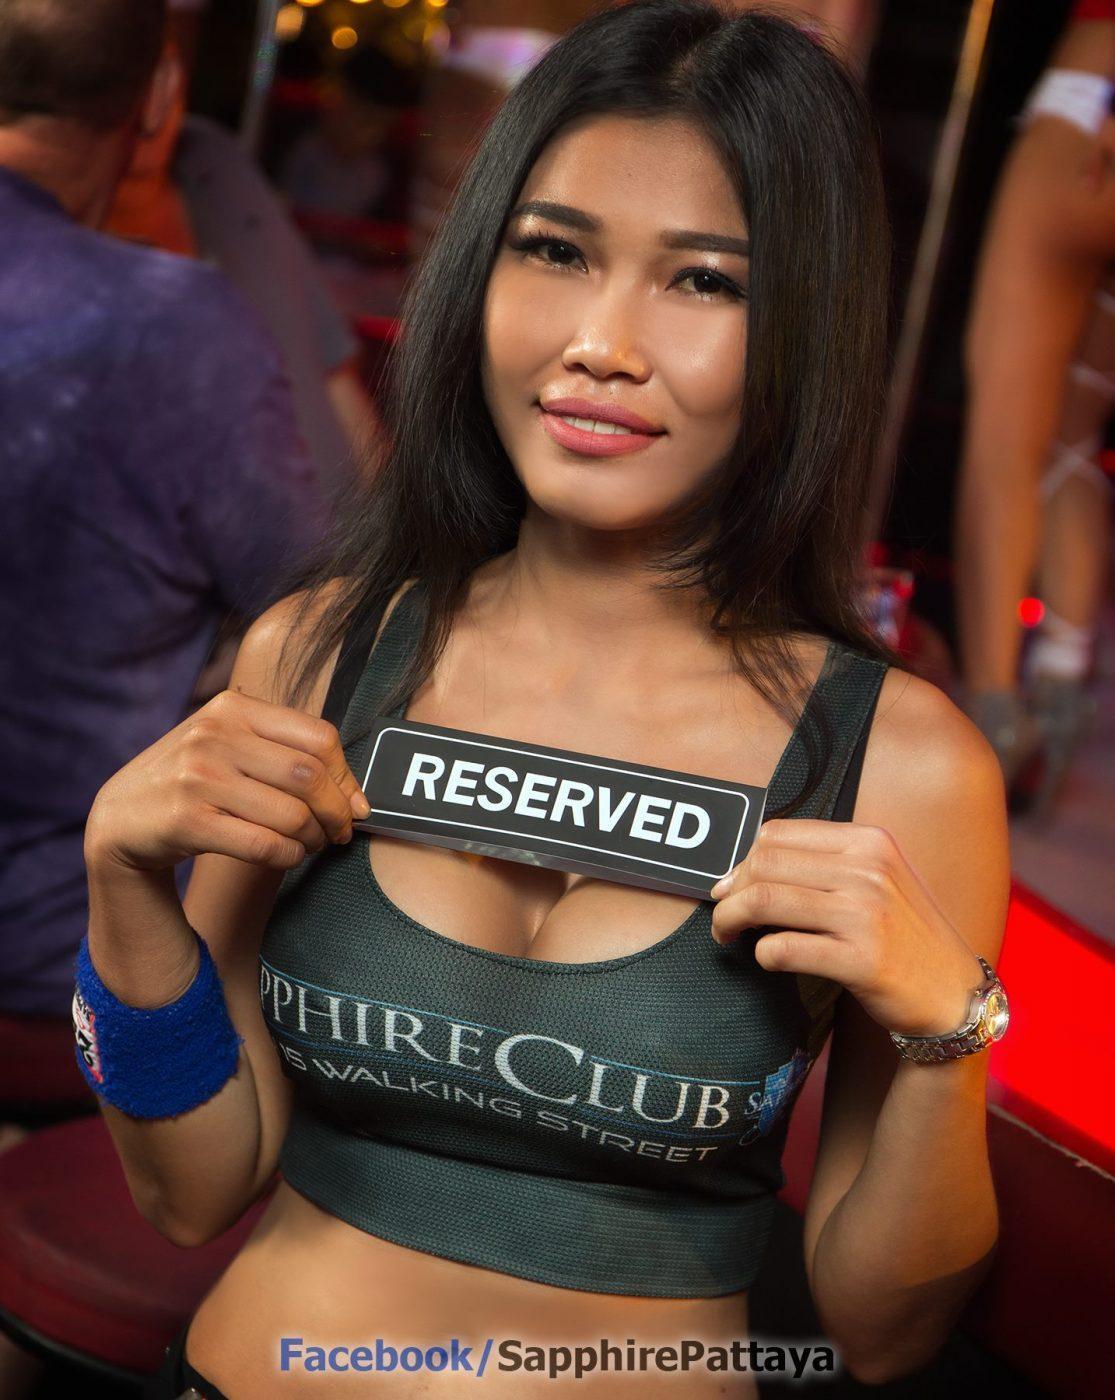 Зачем танцовщицам gogo баров номерки на руках?